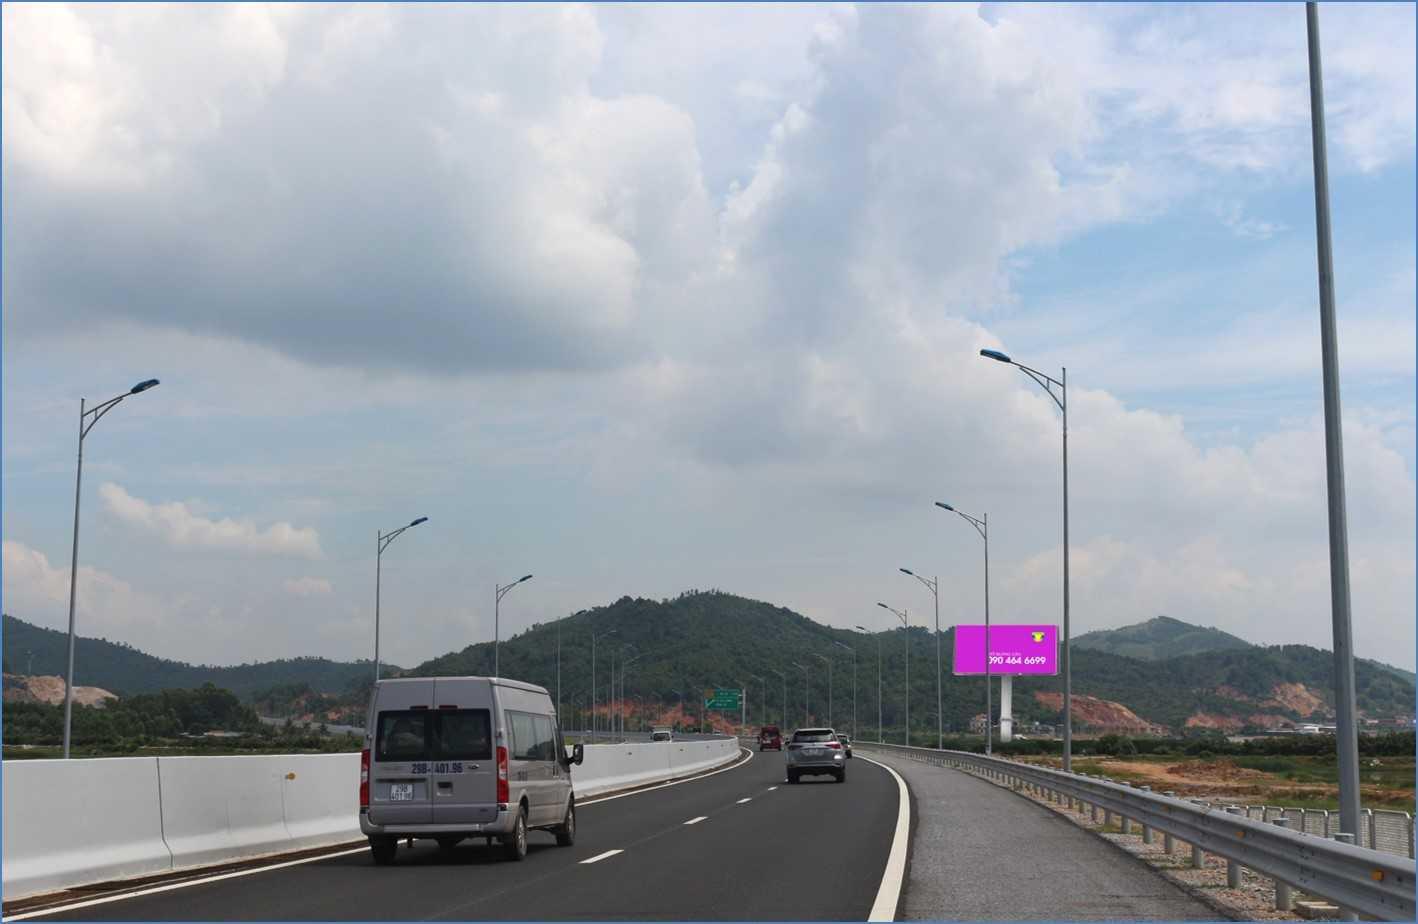 Quảng cáo HL48 - Quốc lộ 18, Tp.Hạ Long, Quảng Ninh